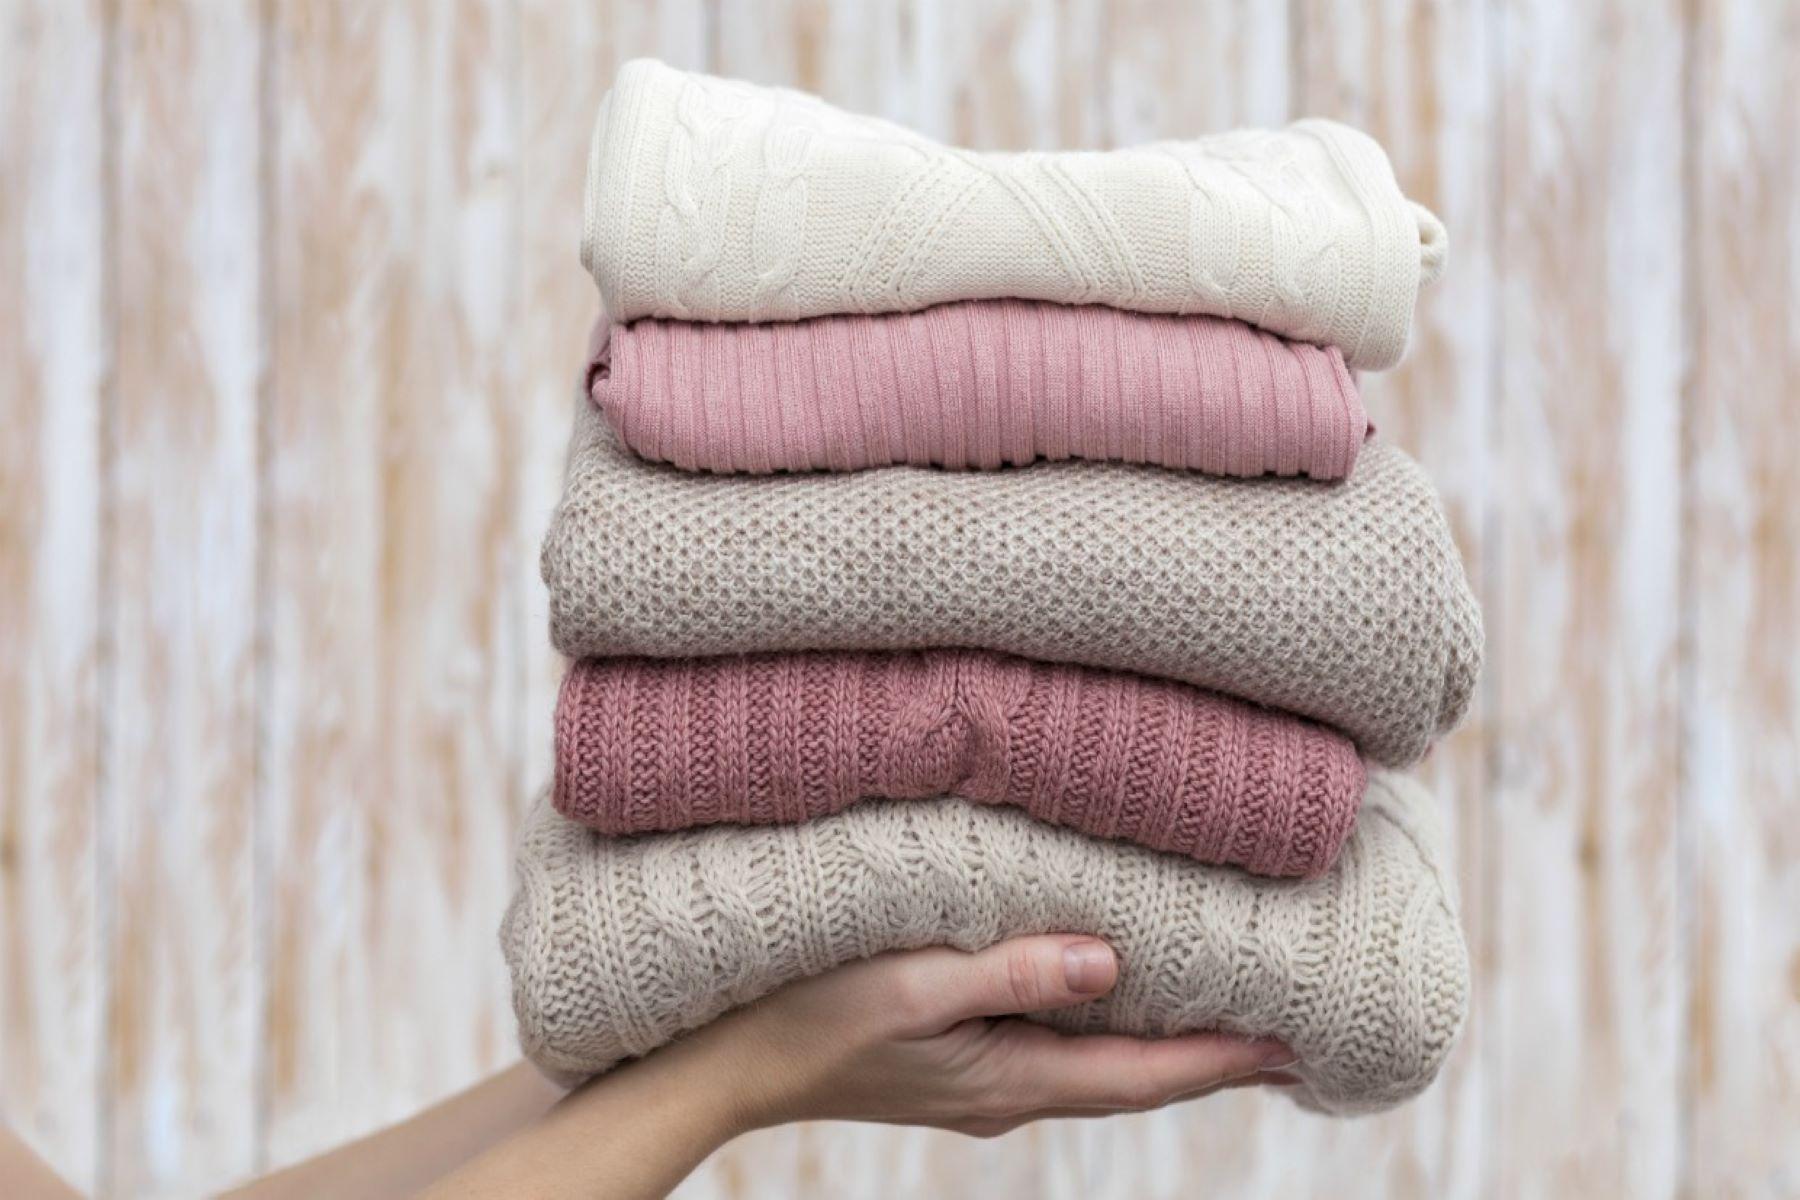 Μάλλινα ρούχα πλύσιμο: Συμβουλές για να μην χαλάσουν